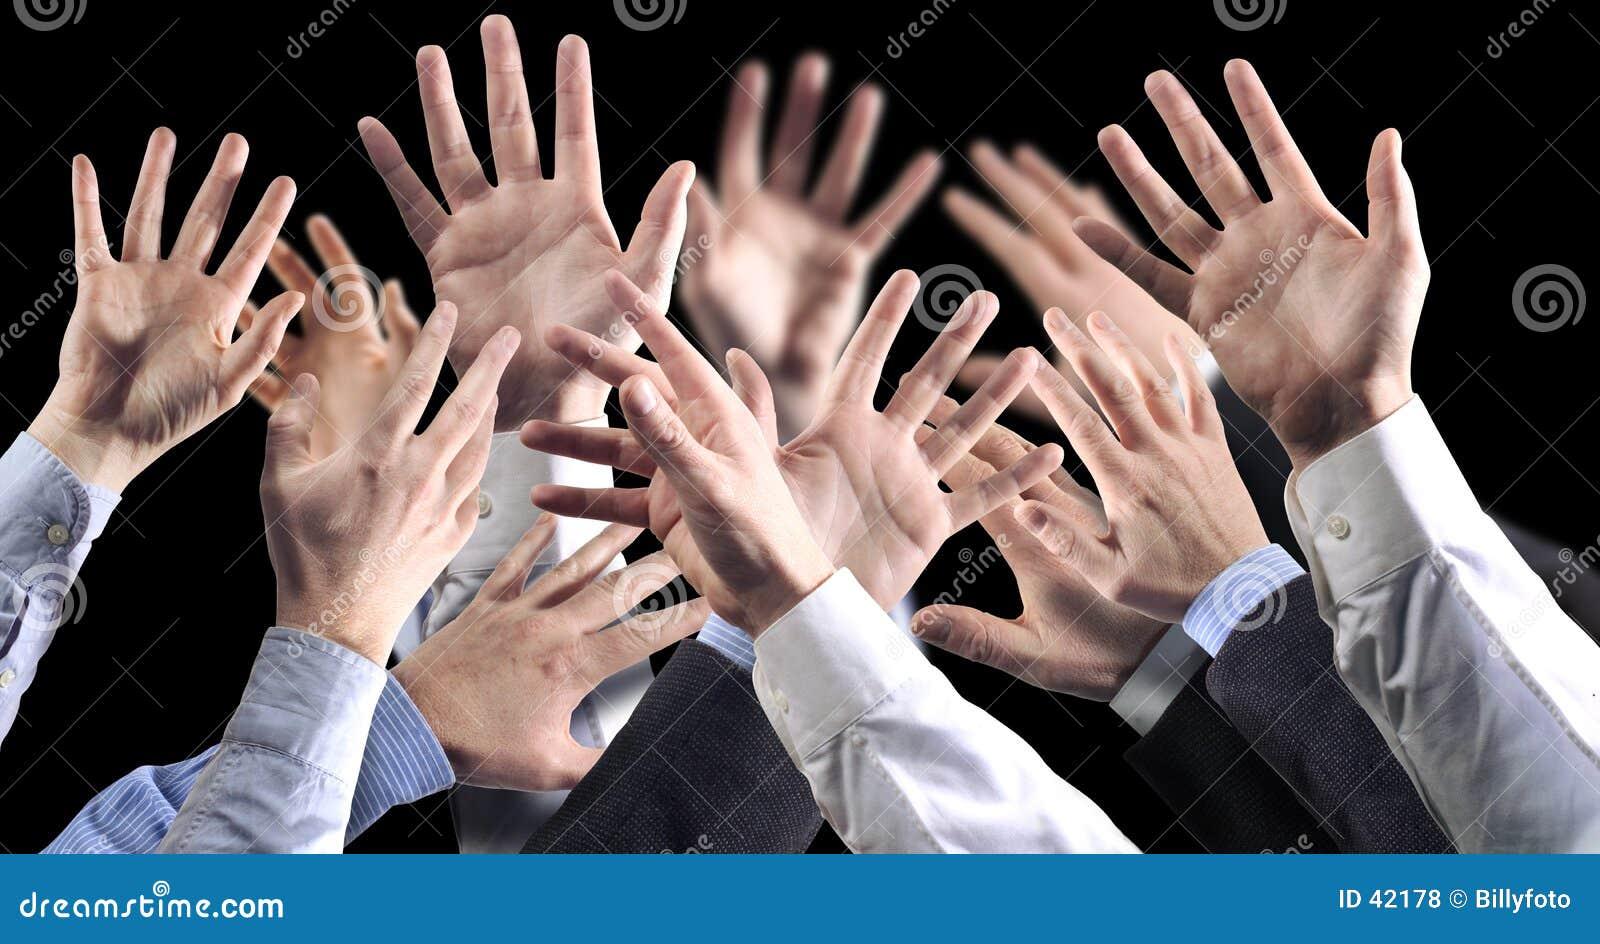 Hands black bground